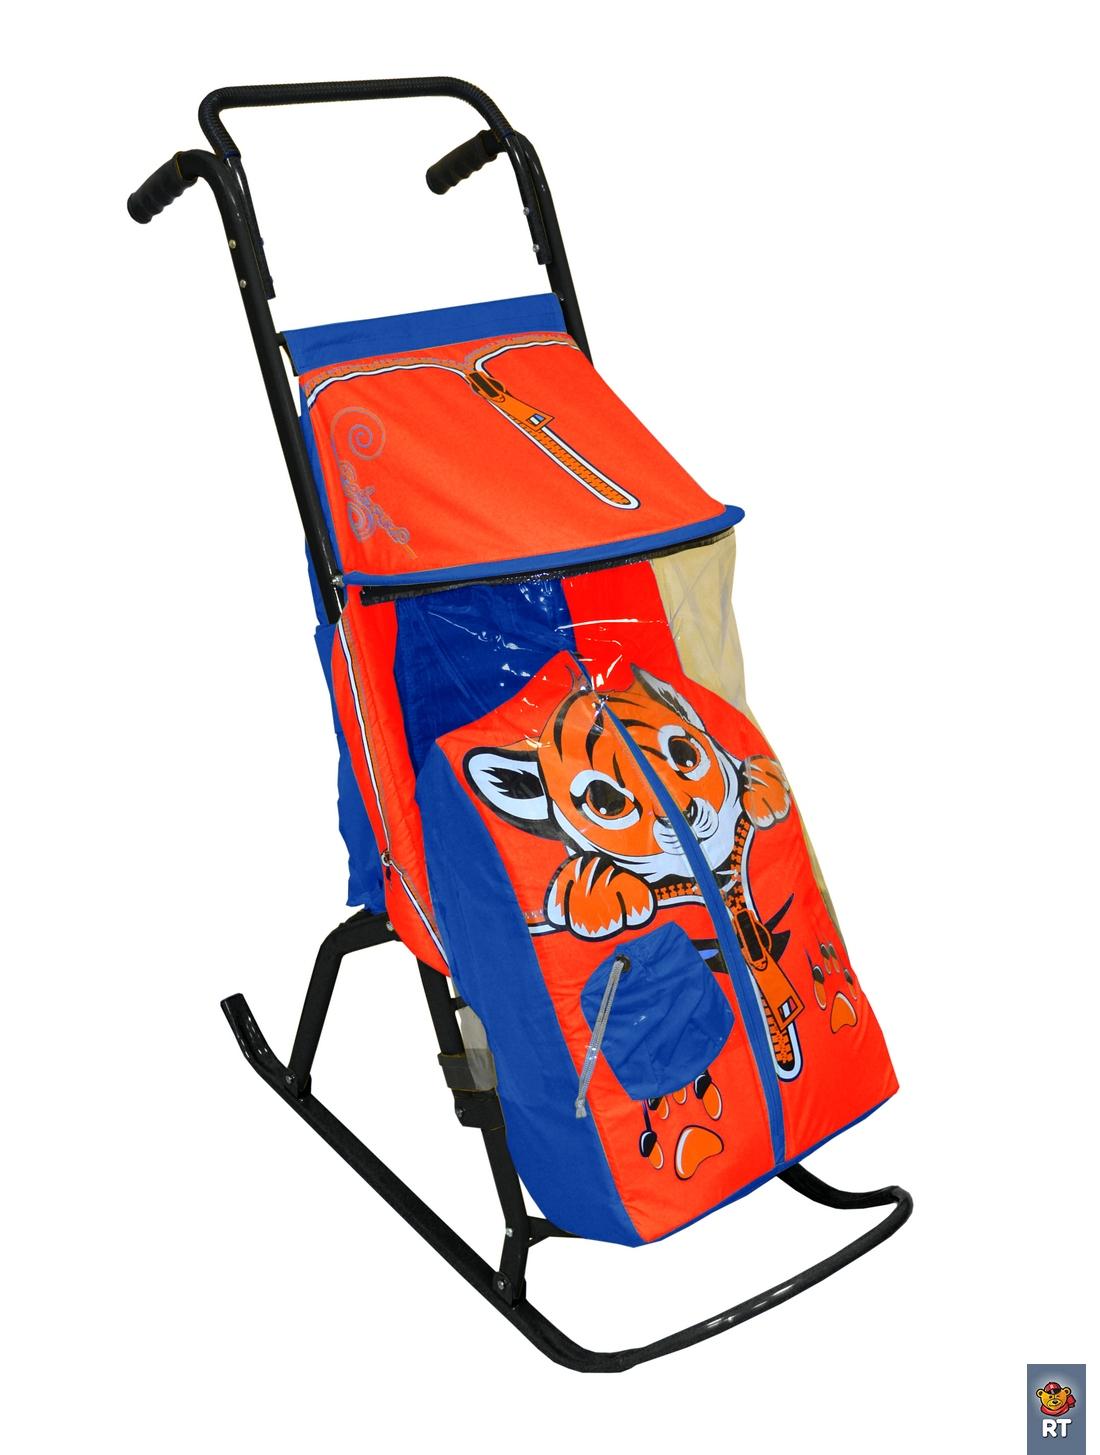 Купить Санки-коляска - Снегурочка-2-Р – Тигренок, цвет синий-красный, RT